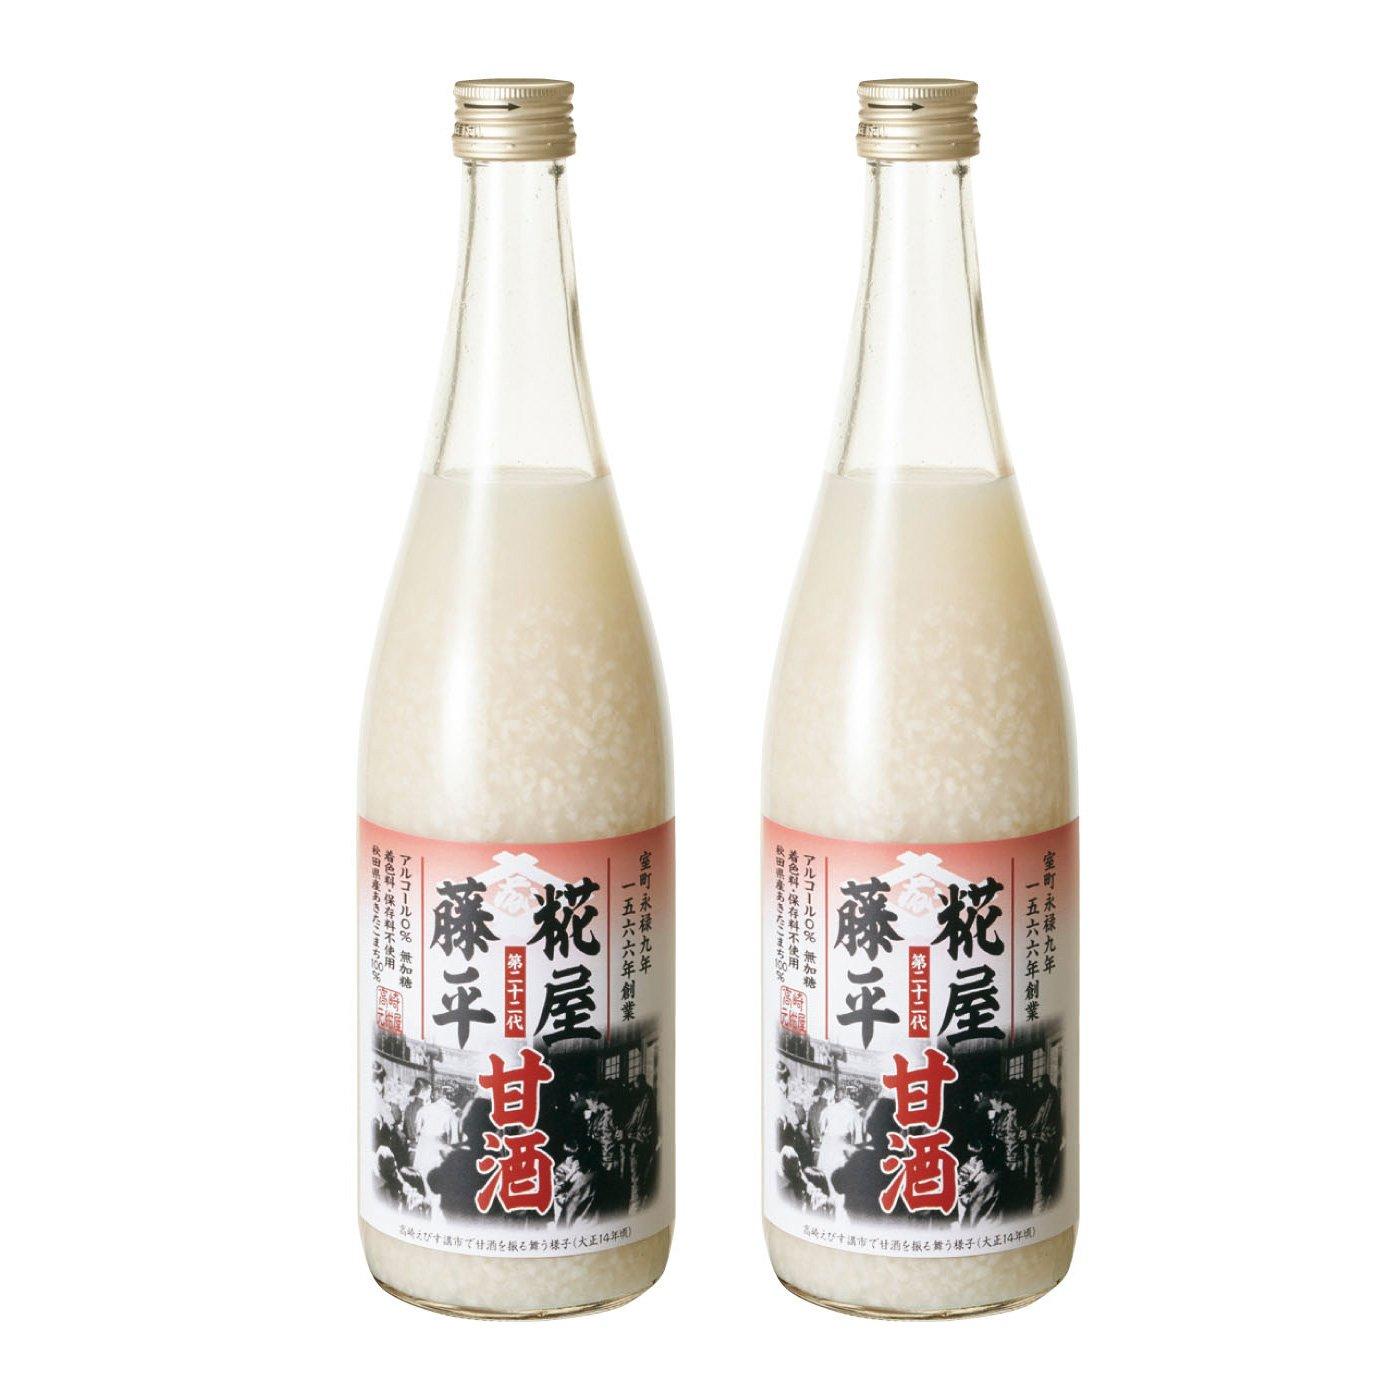 糀屋藤平の甘酒 720ml×2本セット